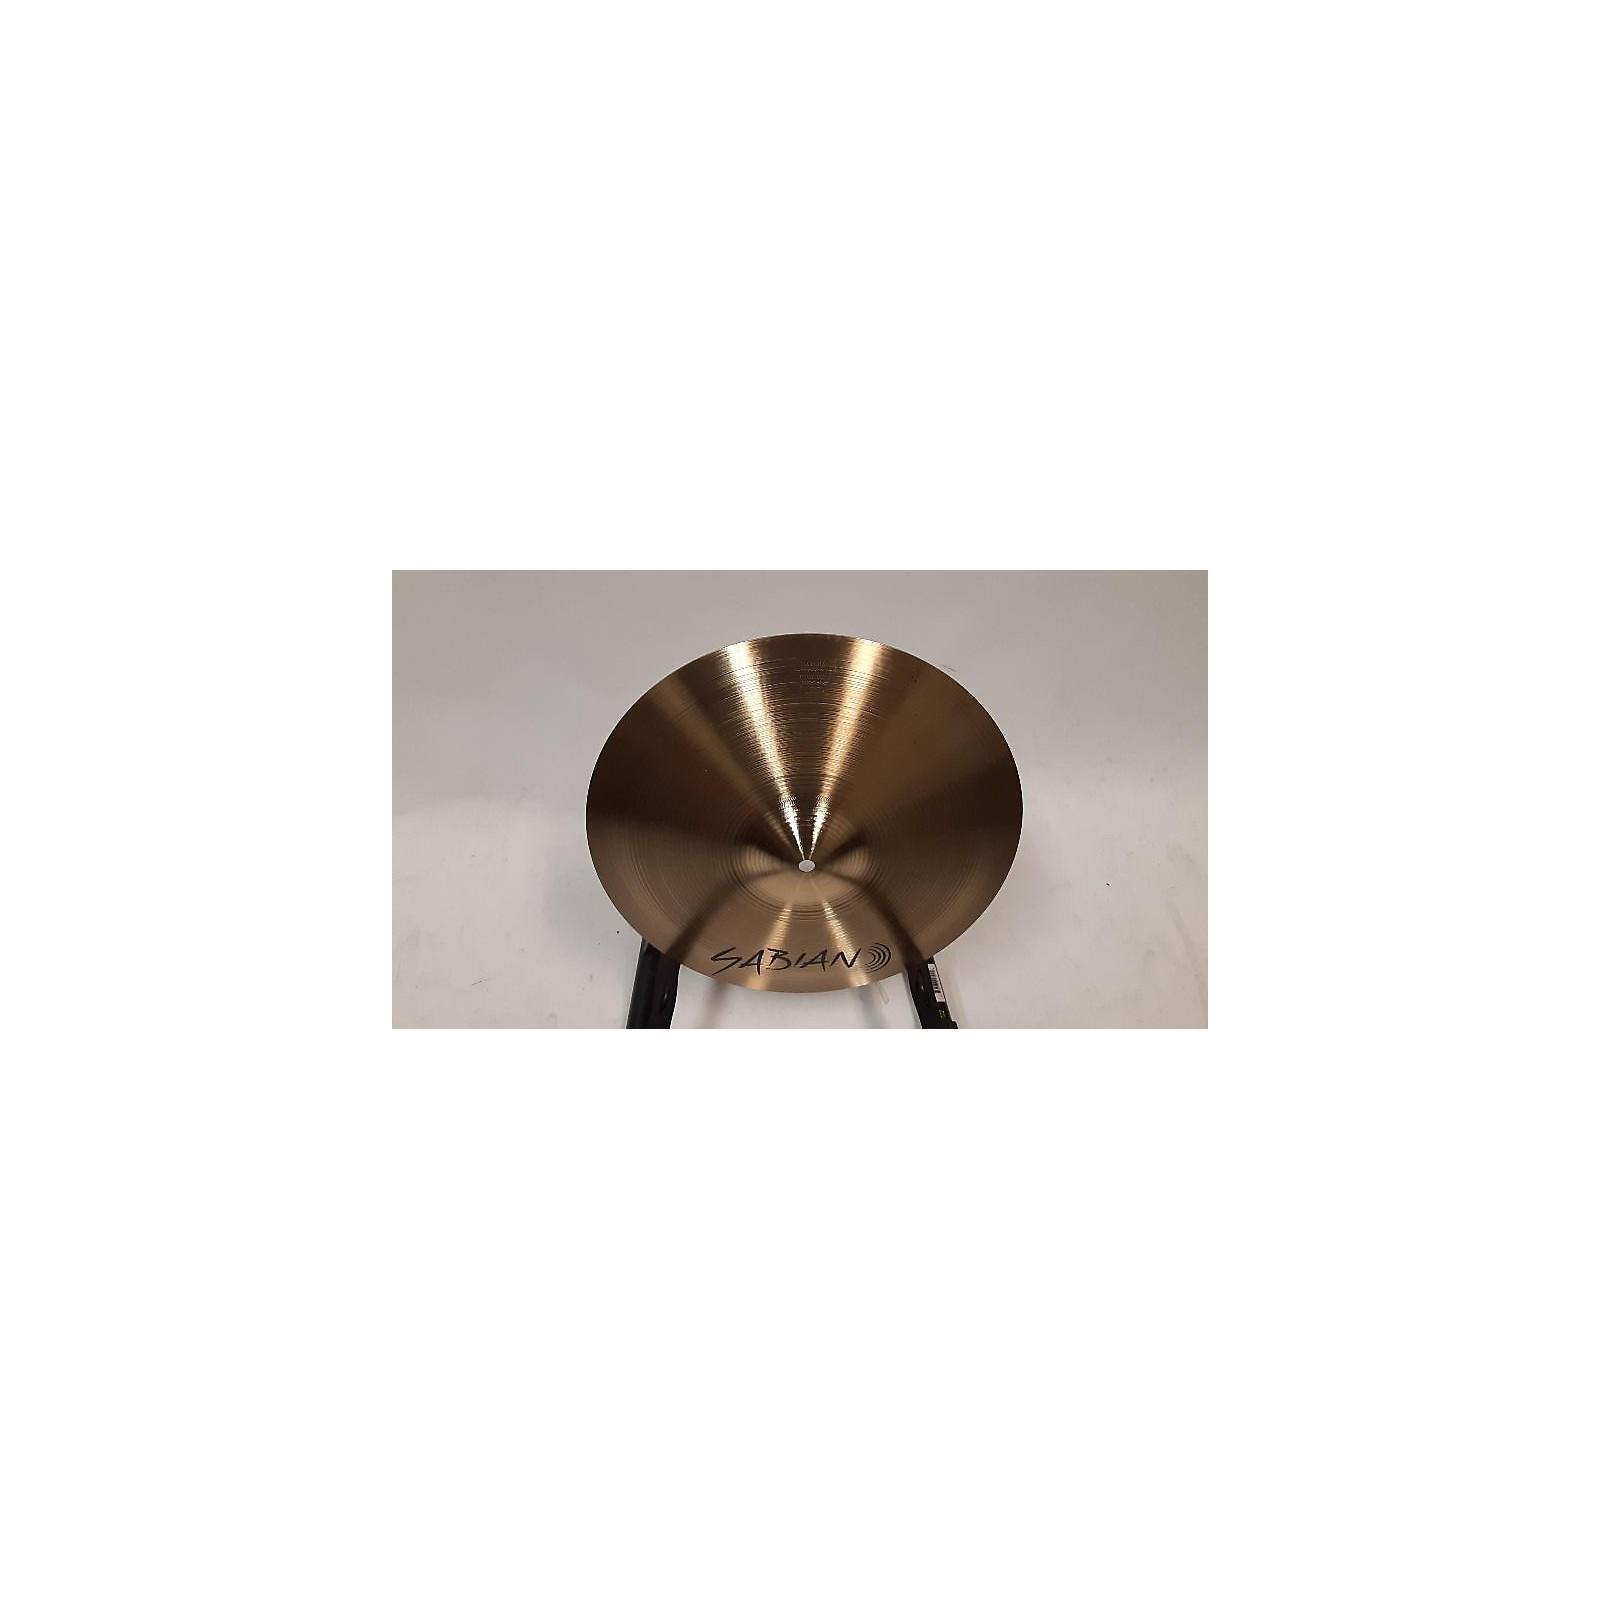 Sabian 14in AA Medium Hi Hat Bottom Cymbal